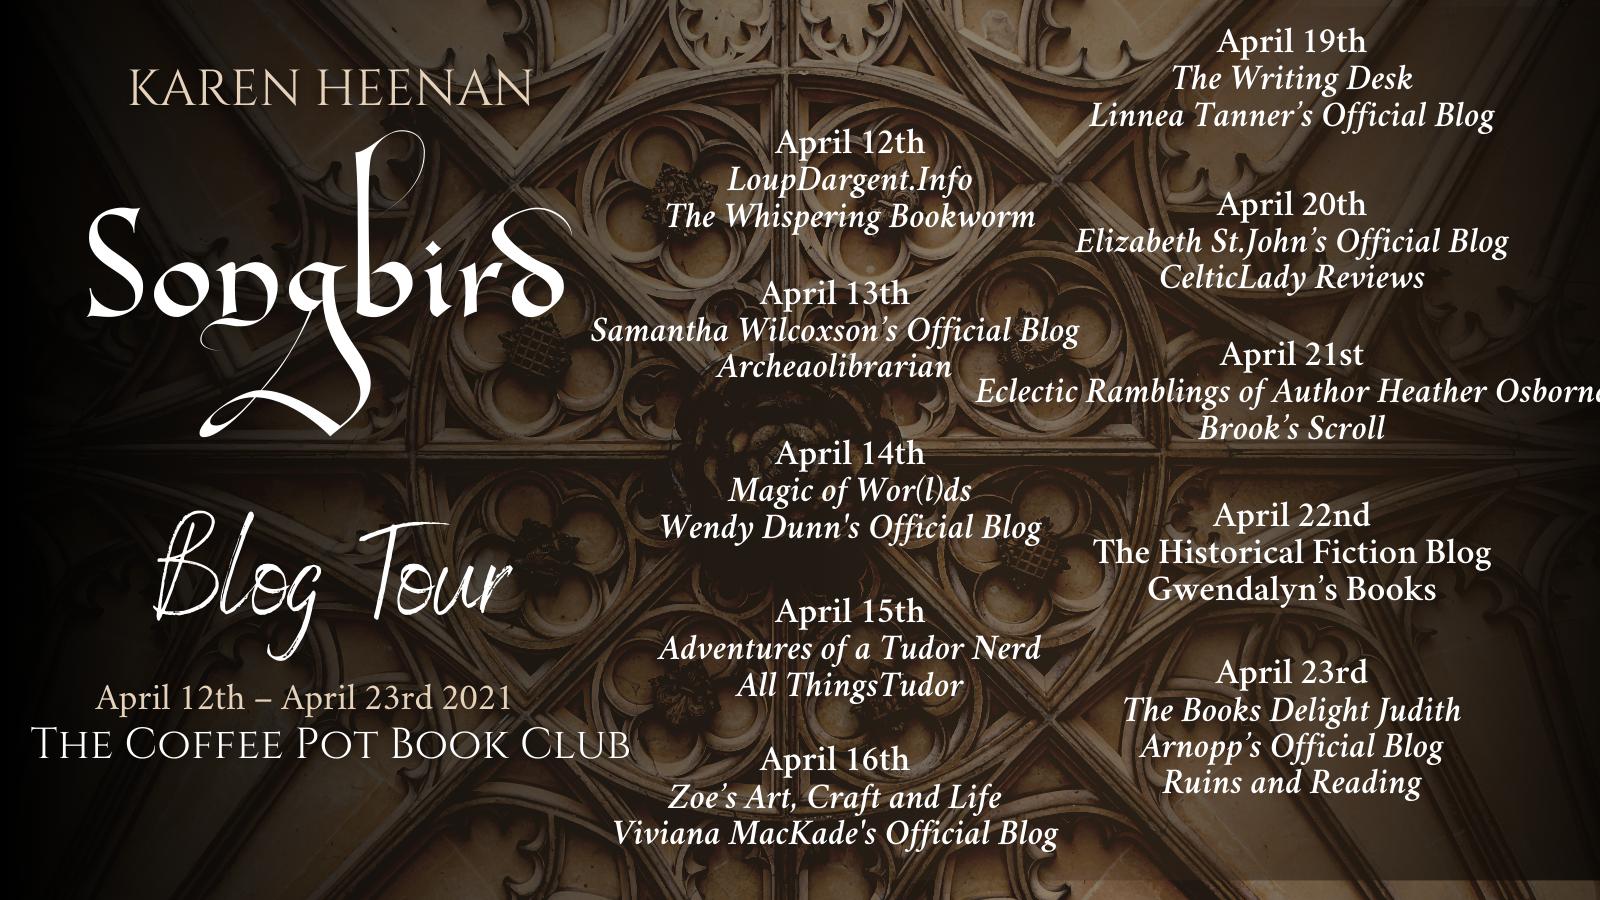 Songbird Tour Schedule